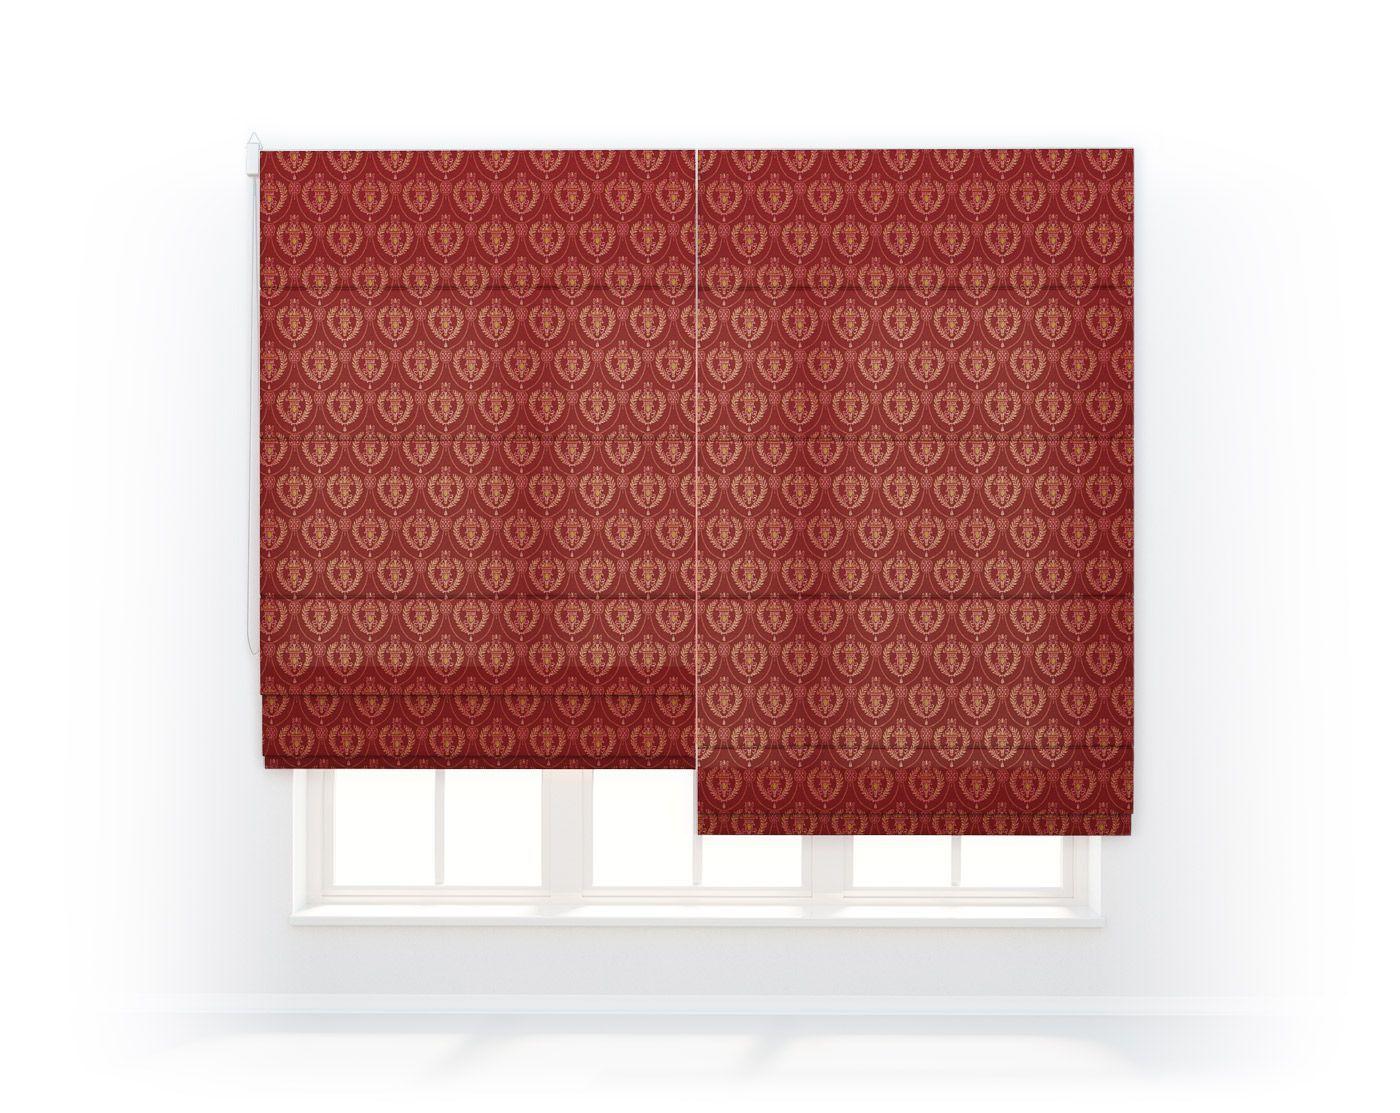 Римские шторы Louis D'or, 2381/30